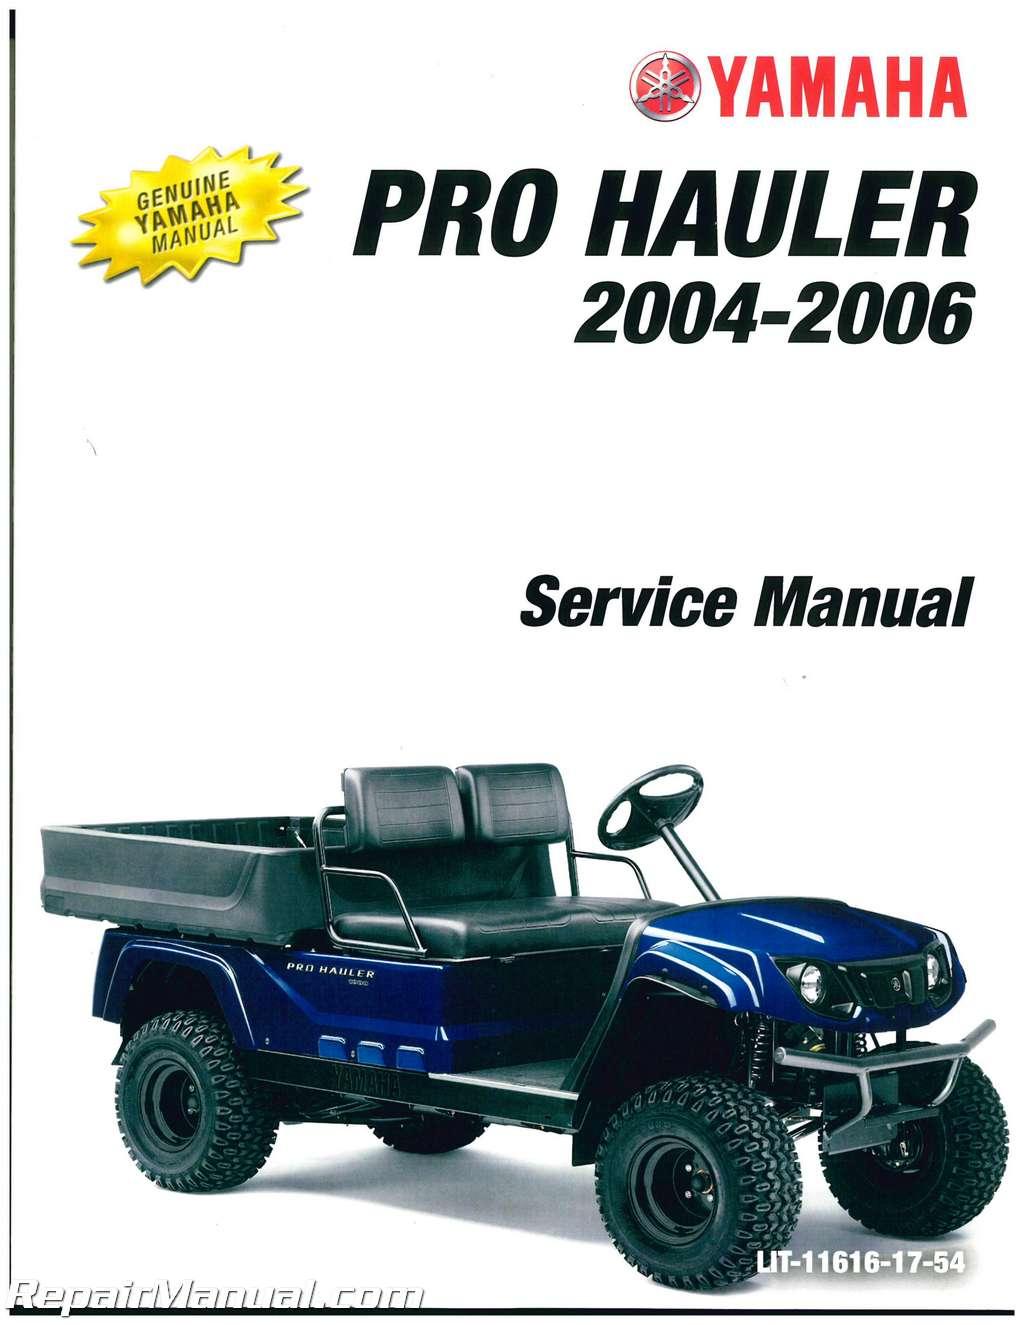 Yamaha Pro Hauler